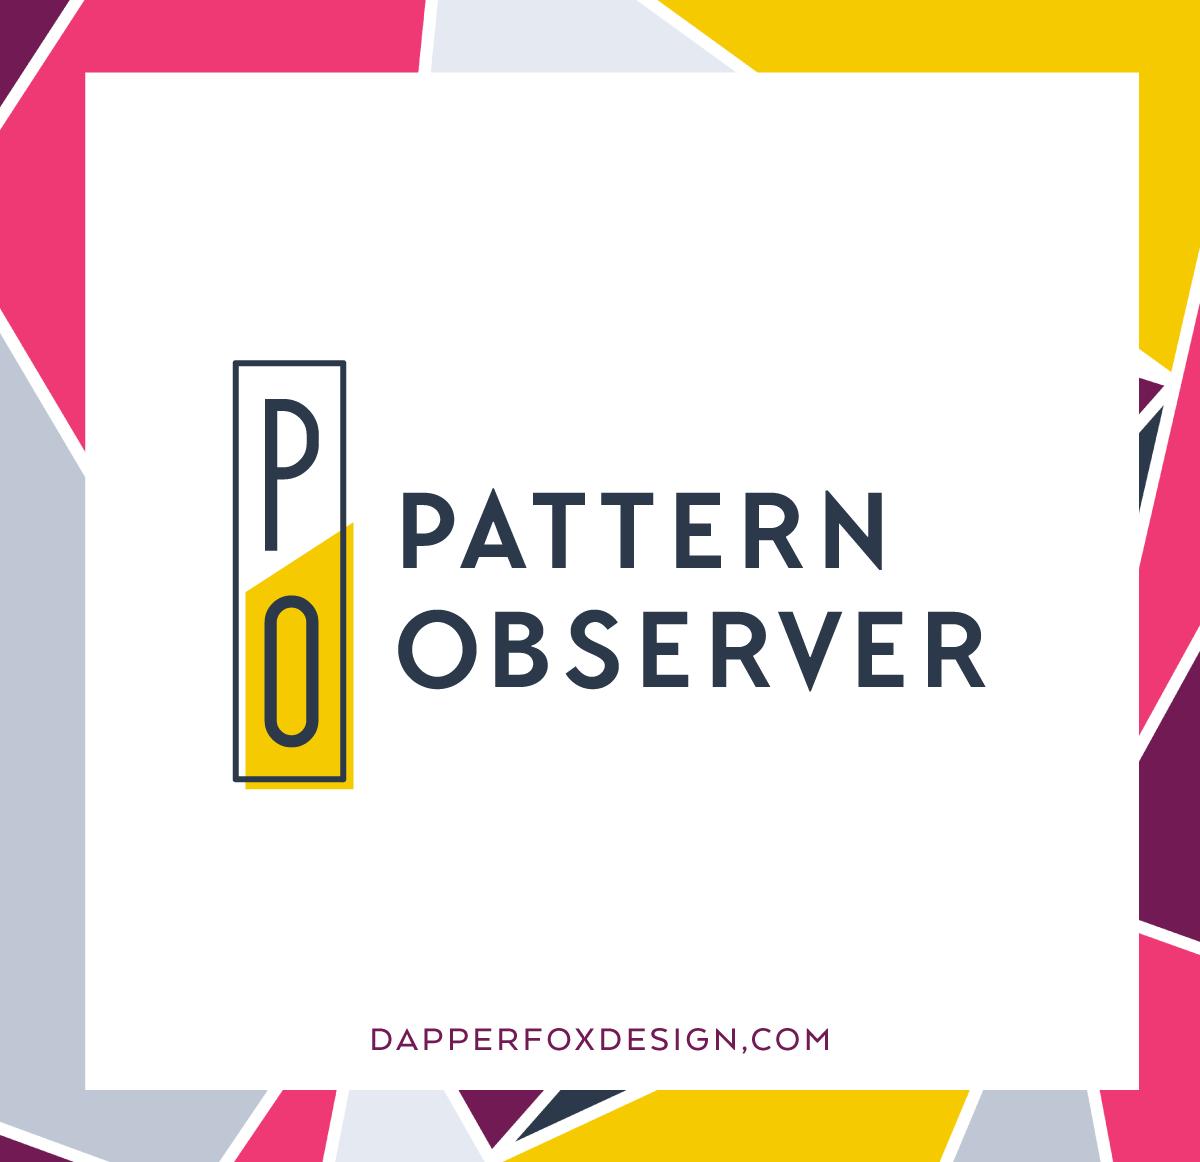 Pattern Observer Designer Feminine Modern Logo Design by Dapper Fox